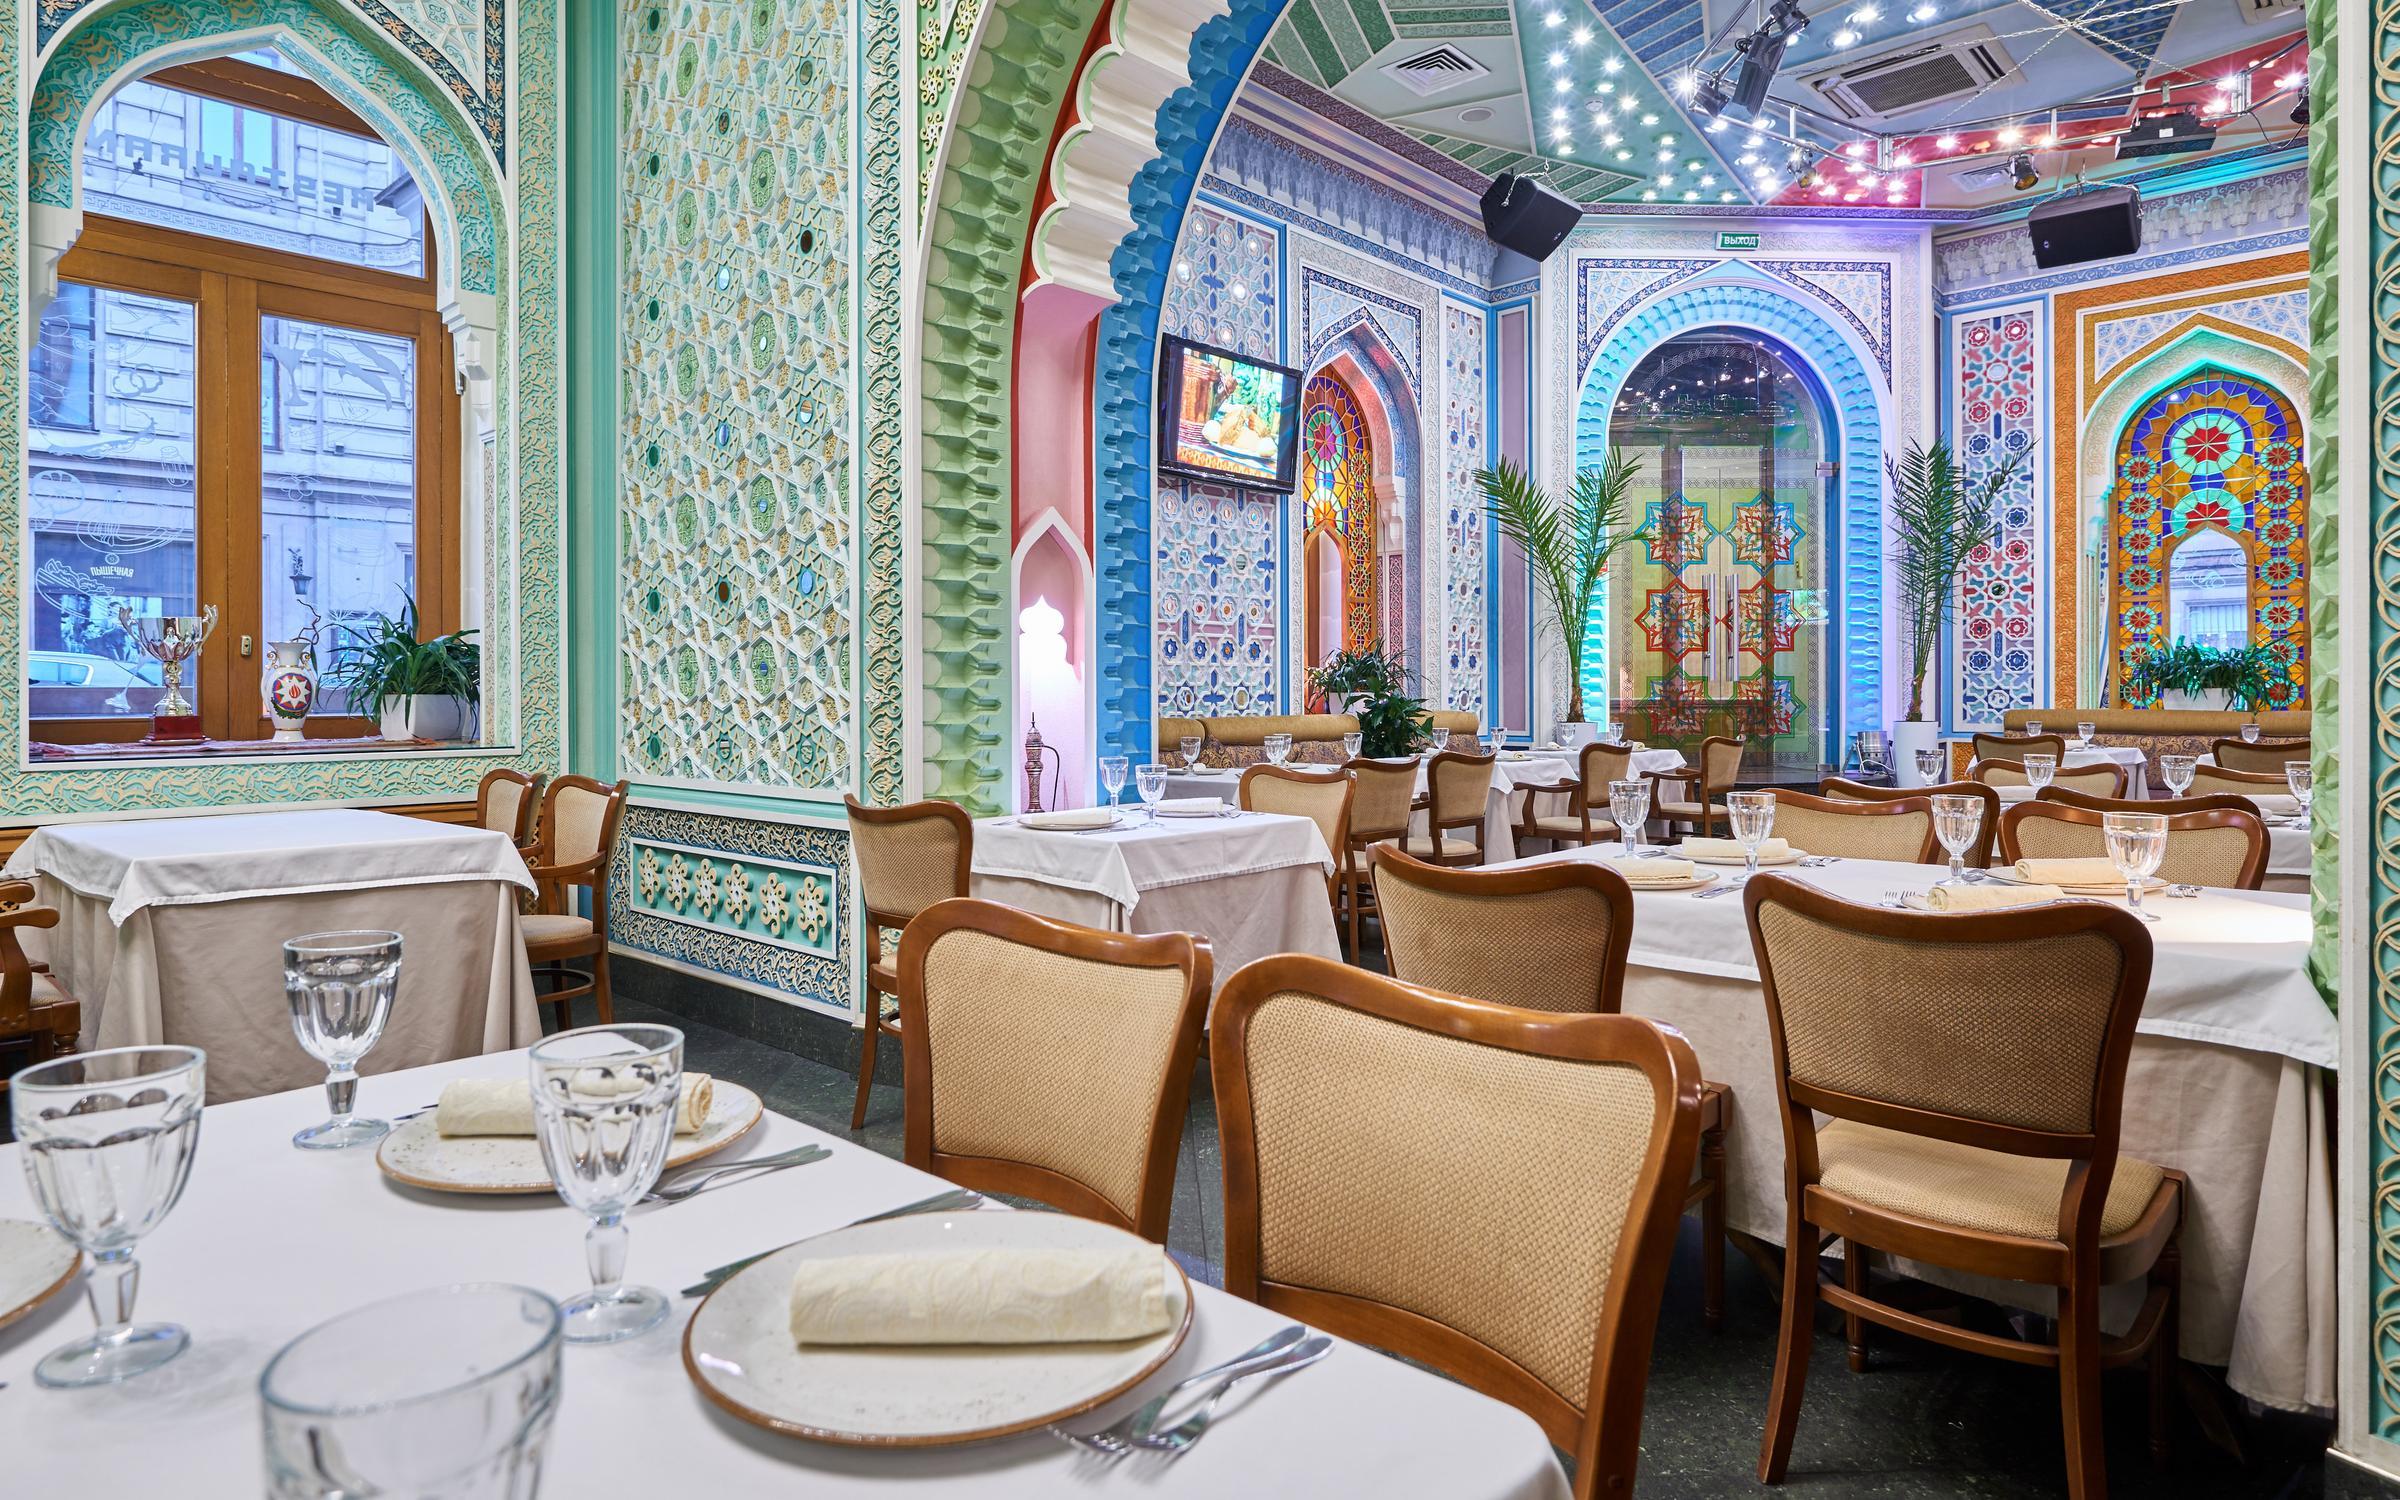 фотография Ресторана Баку на Садовой улице